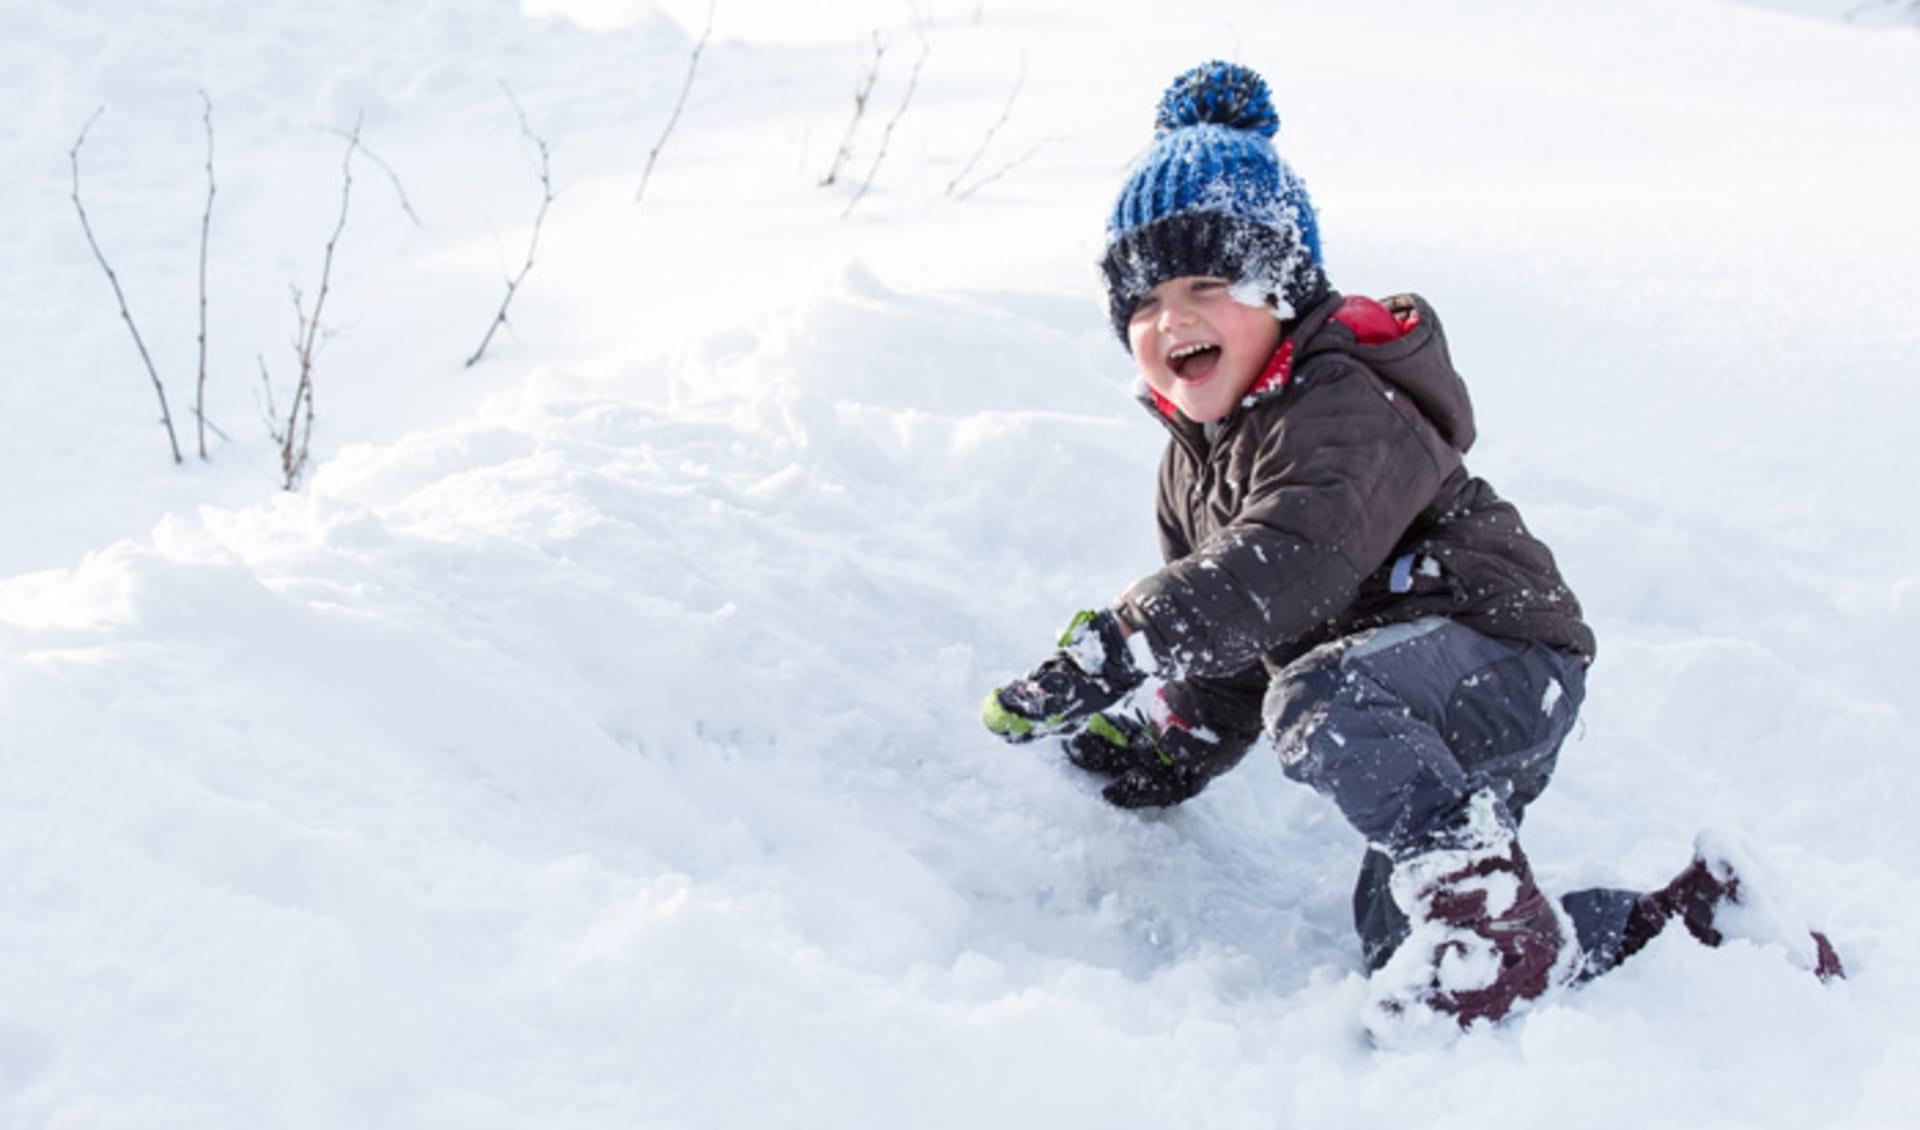 Little Boy in Snow